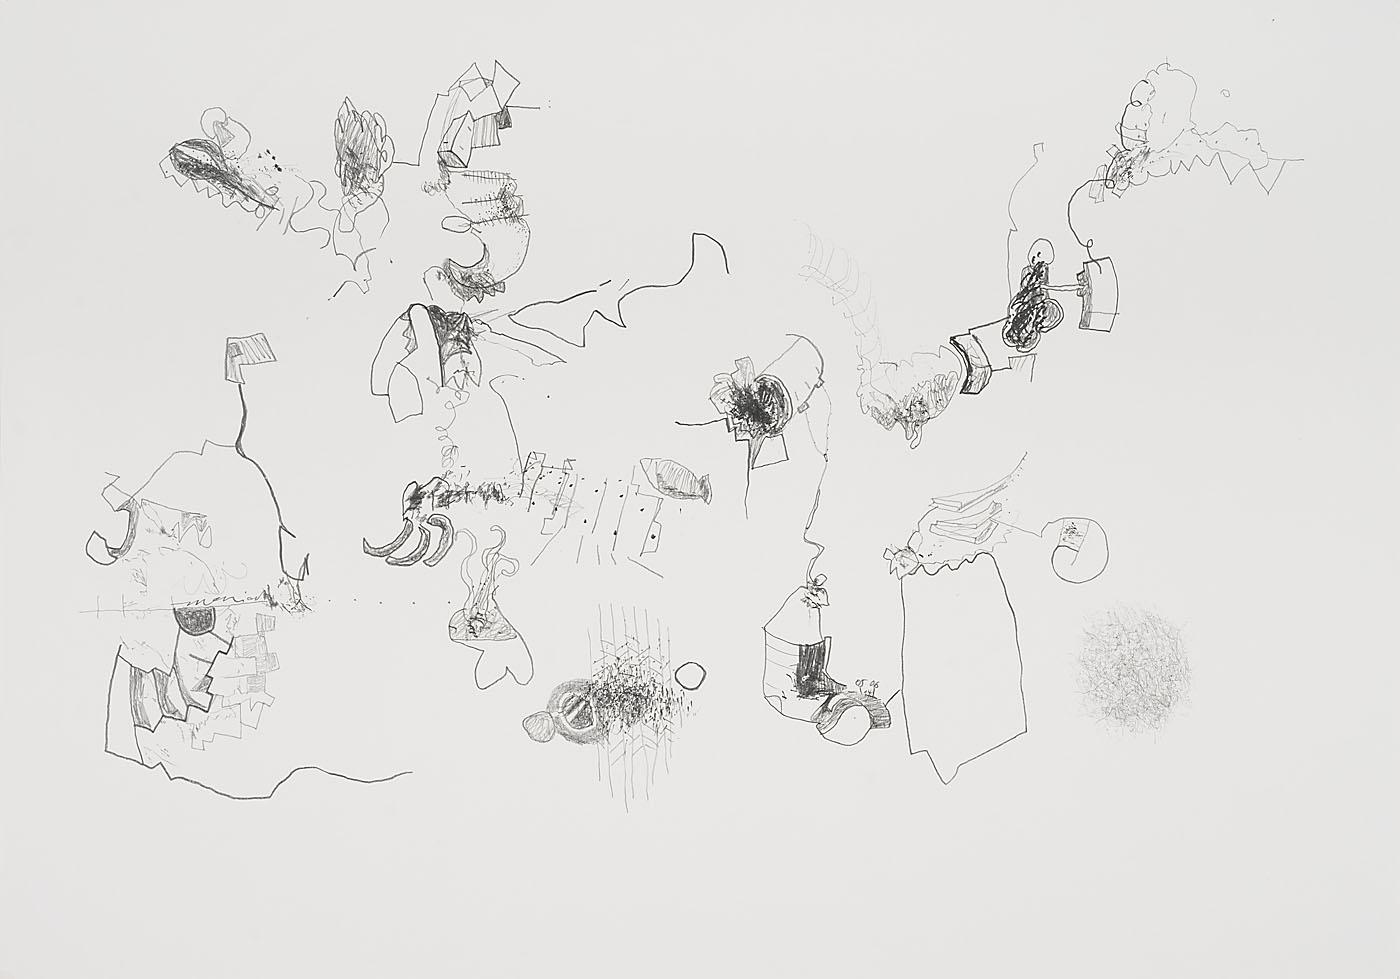 Seismografische Komposition 13 03 14 / Bleistift auf Papier / 59,4 x 84,1 cm